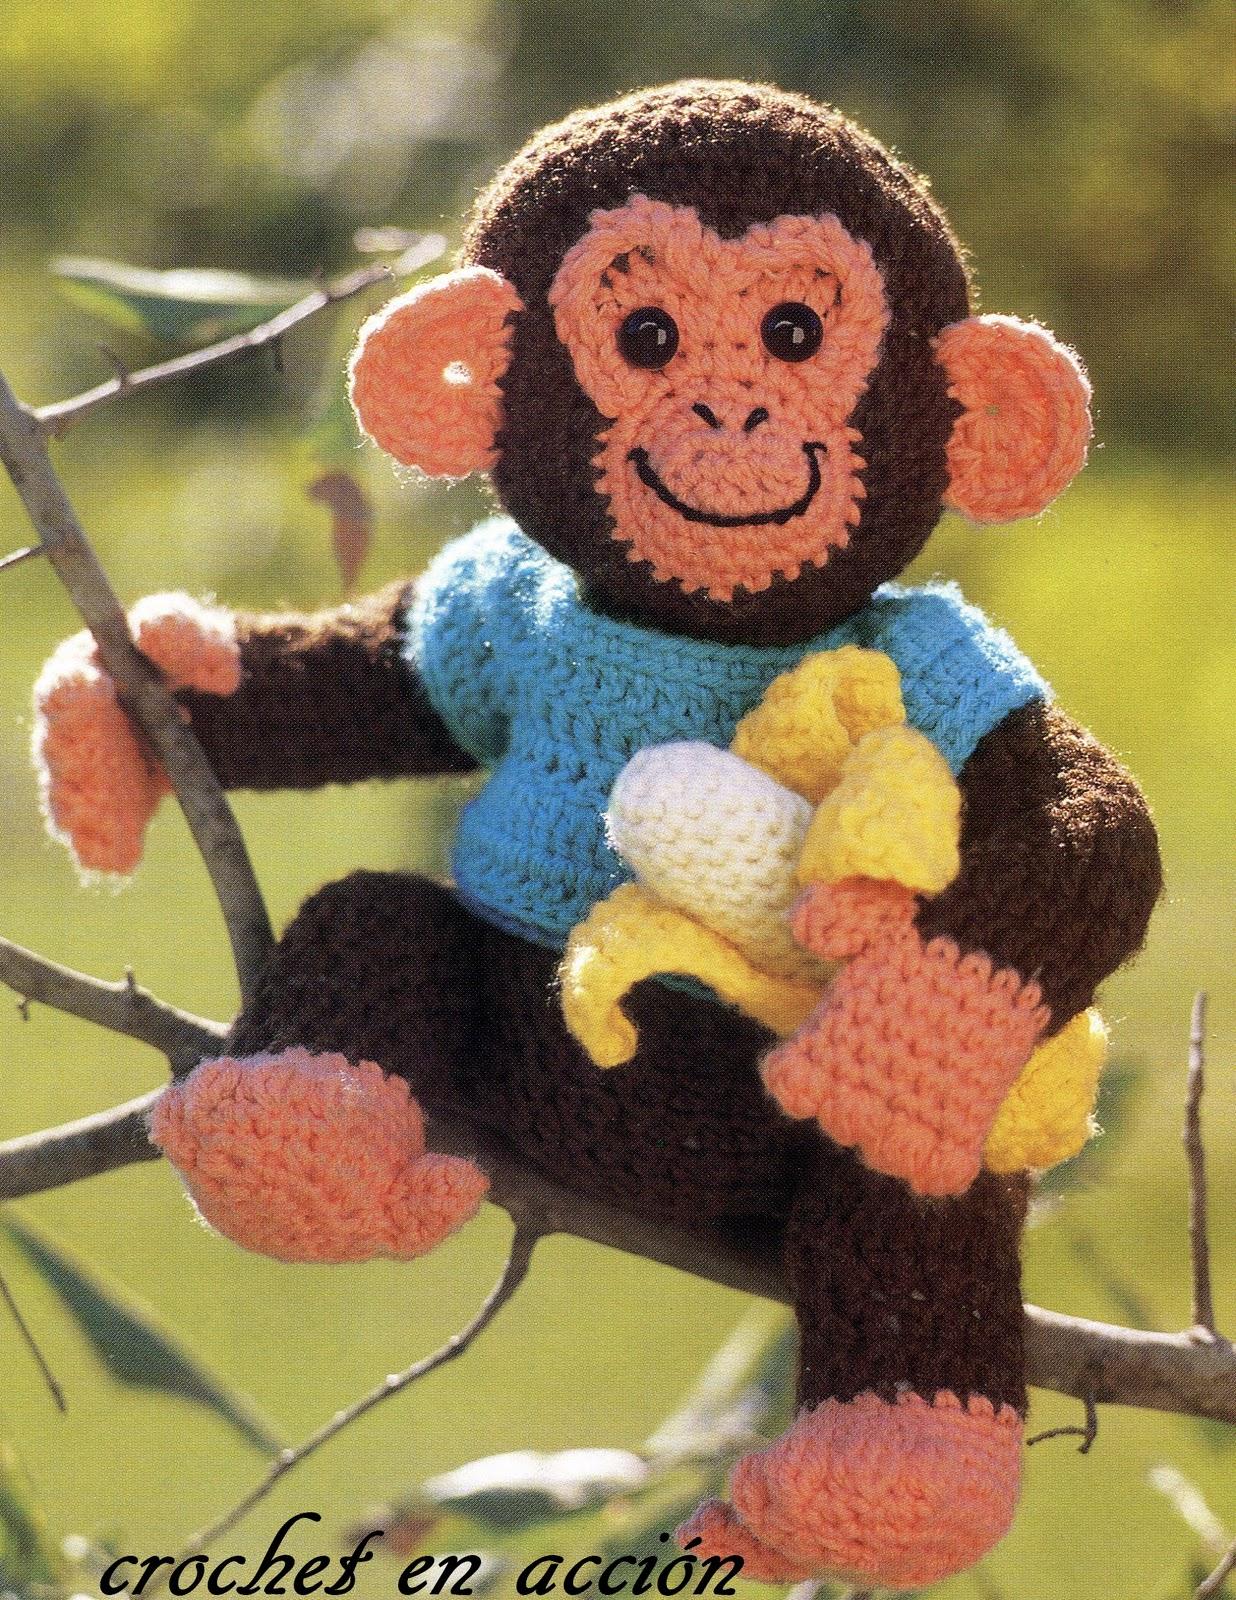 Free Crochet Pattern For Monkey Tail : Crochet En Accion: Semana de la fauna: mam?feros y........